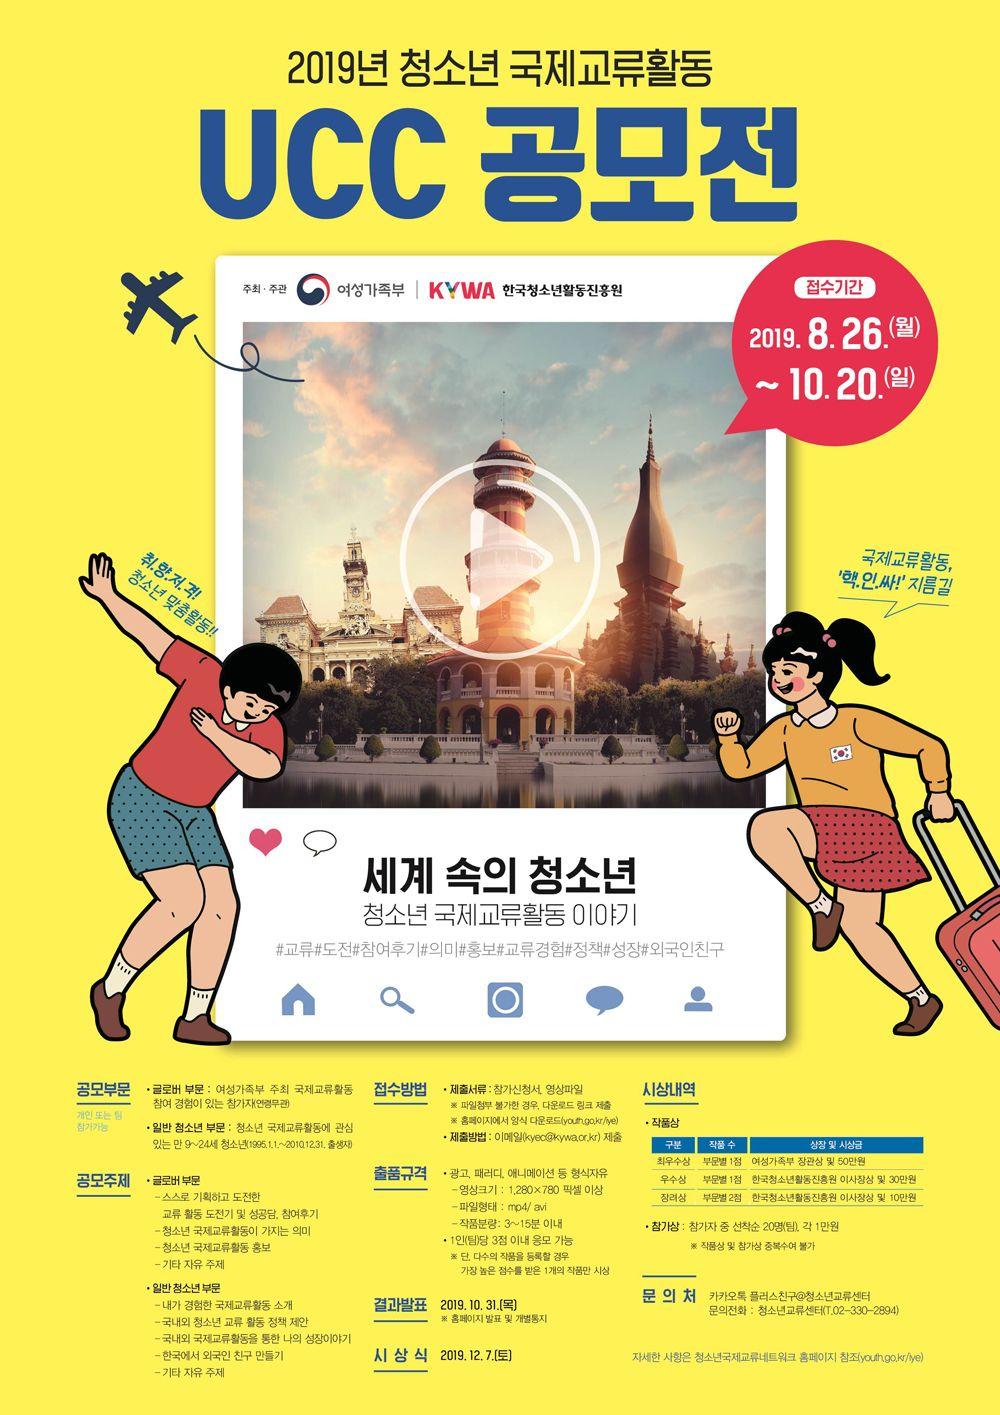 한국청소년활동진흥원 청소년 국제교류활동 UCC 공모전